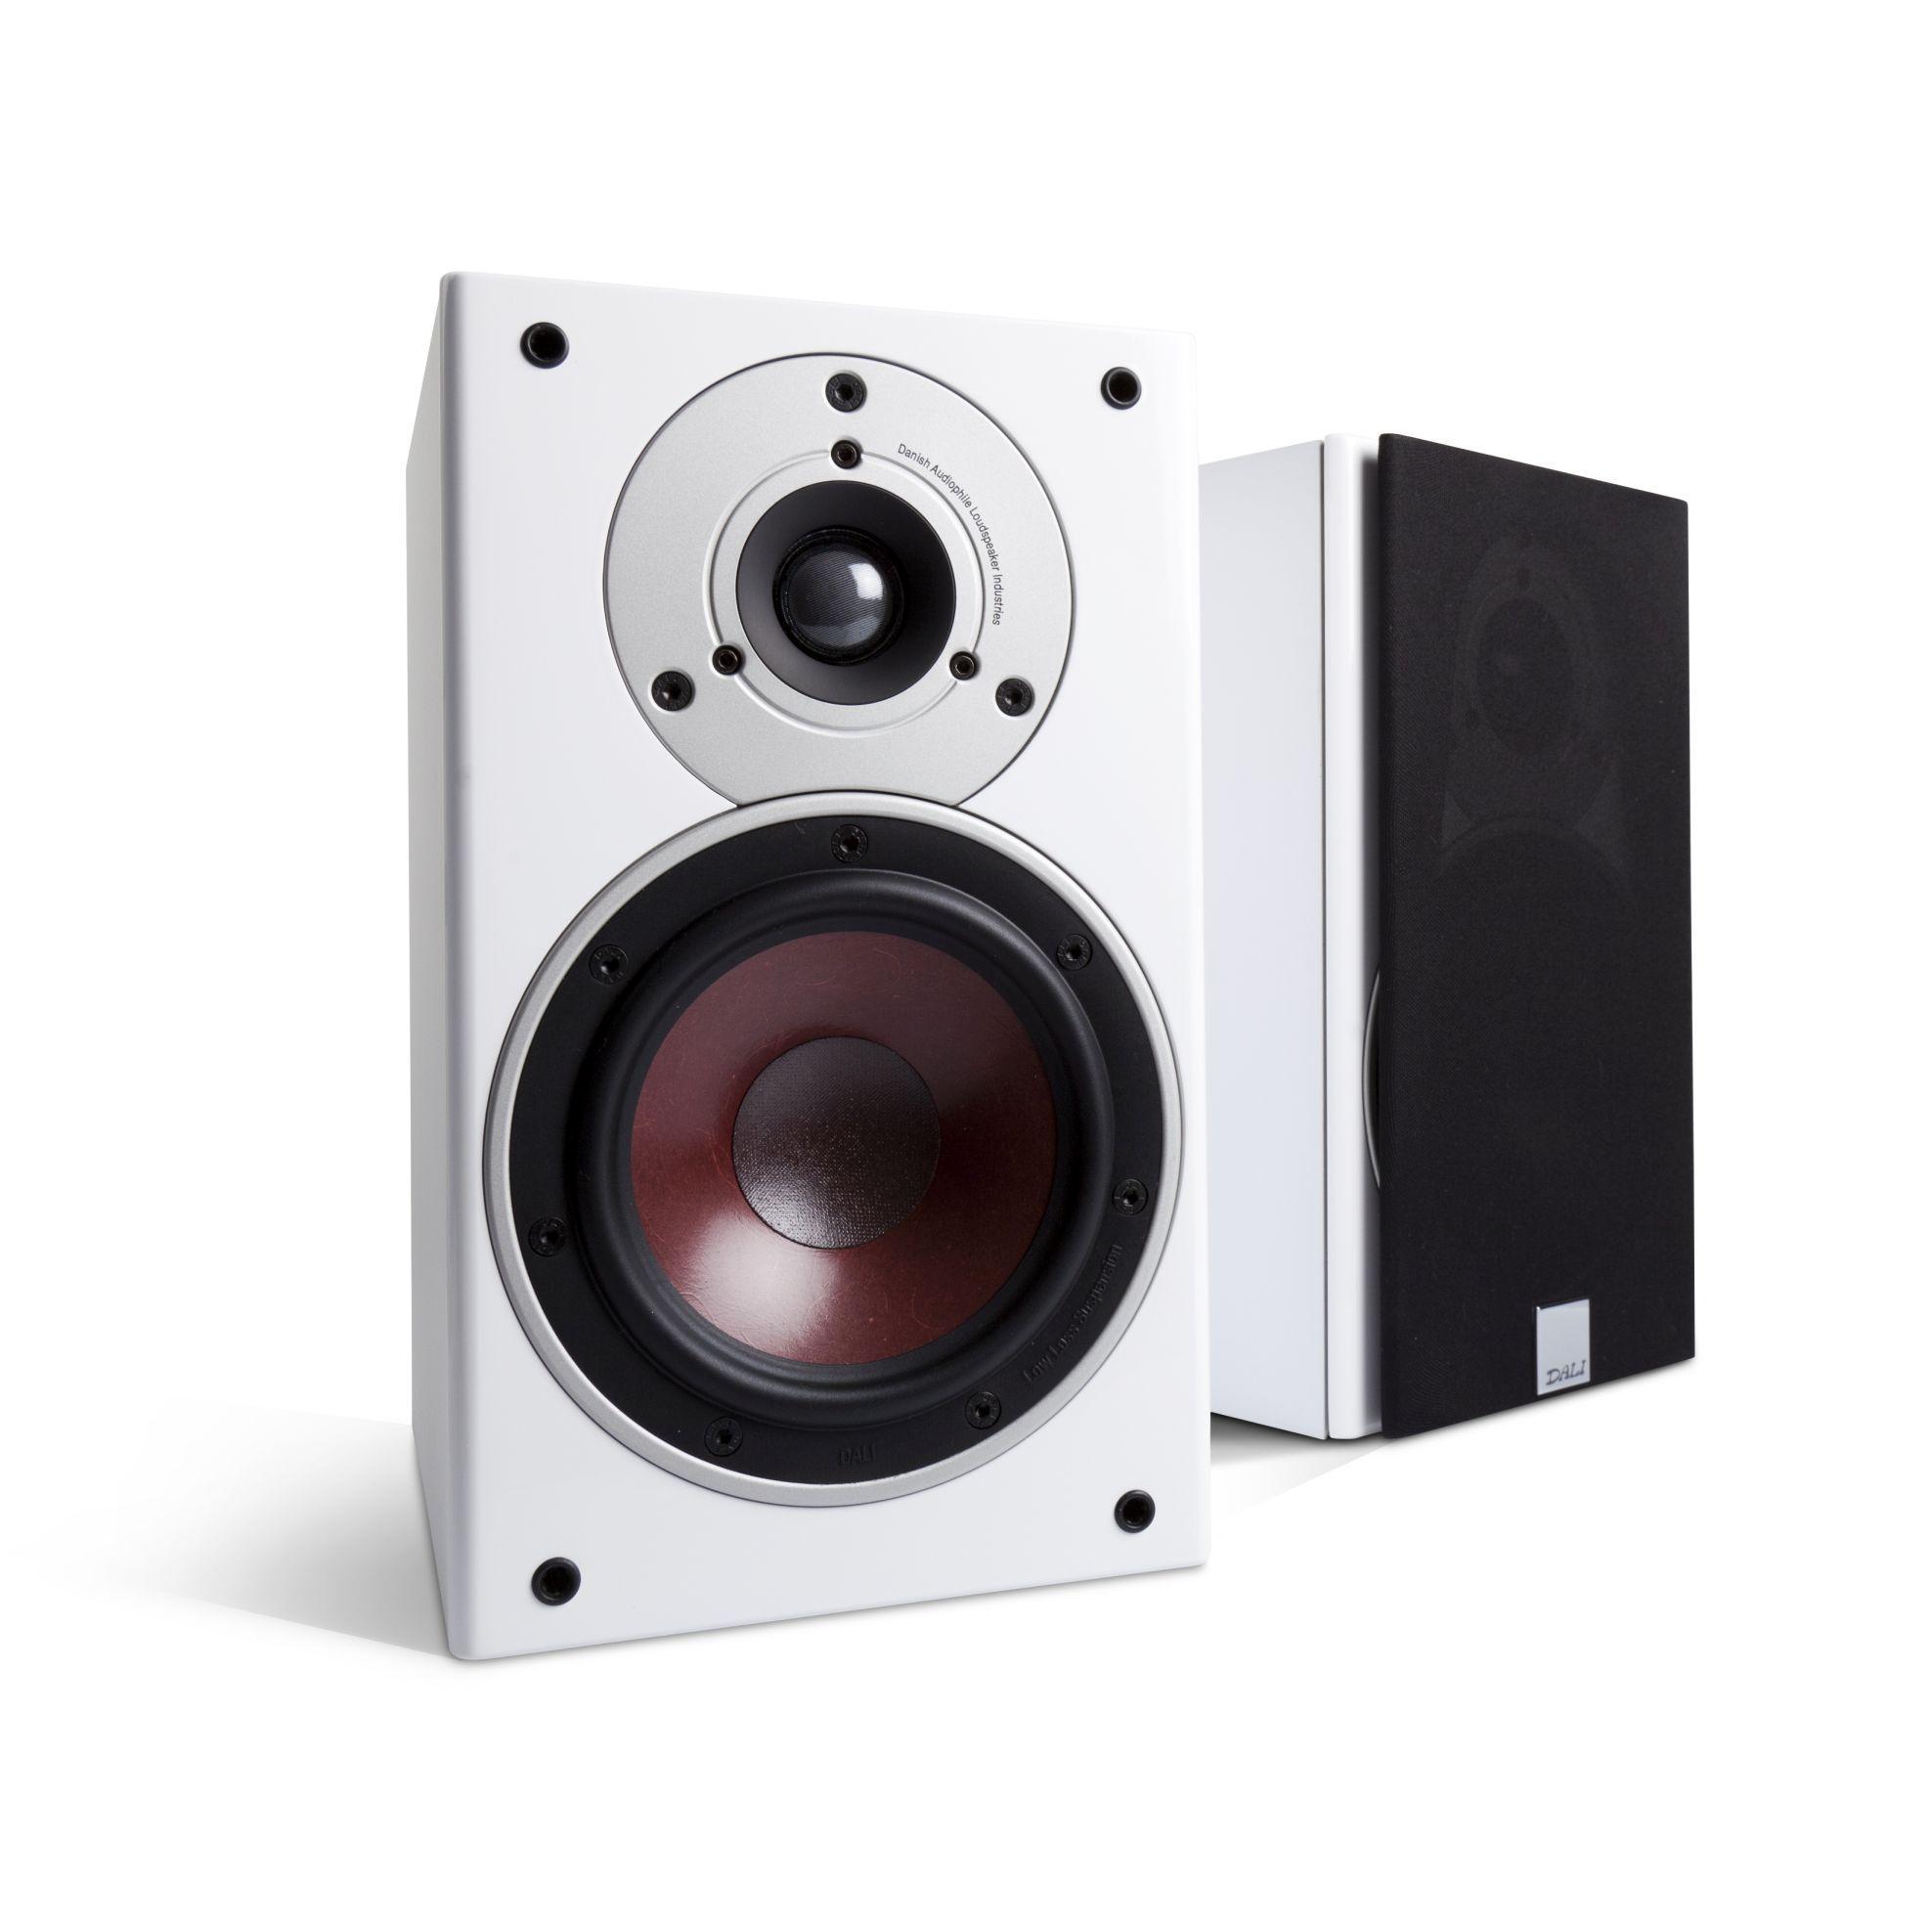 Dali Zensor 1 AX aktív állványra polcra helyezhető hangfal